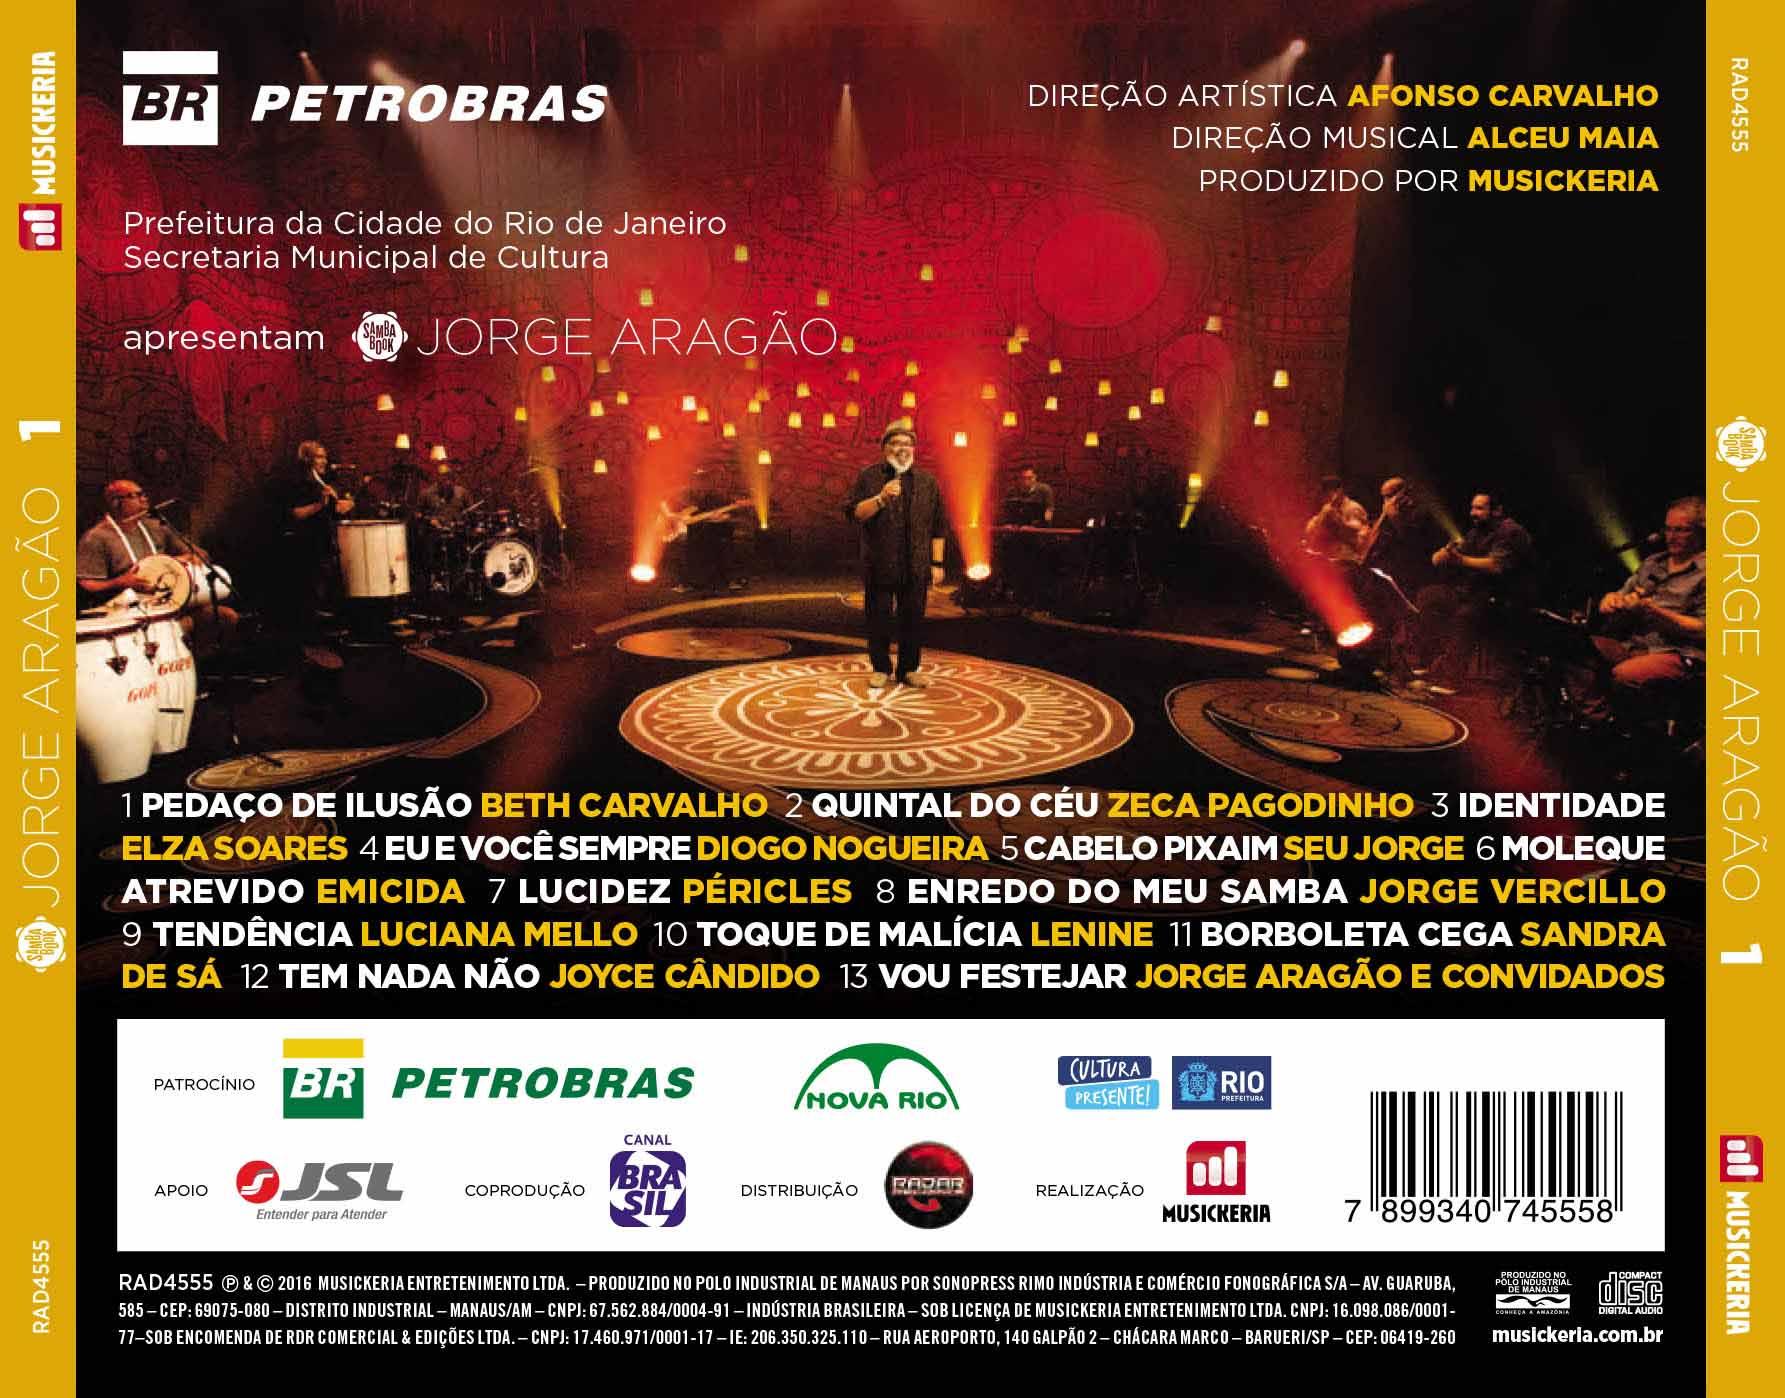 CD Jorge Aragão - Samba Book V. 1